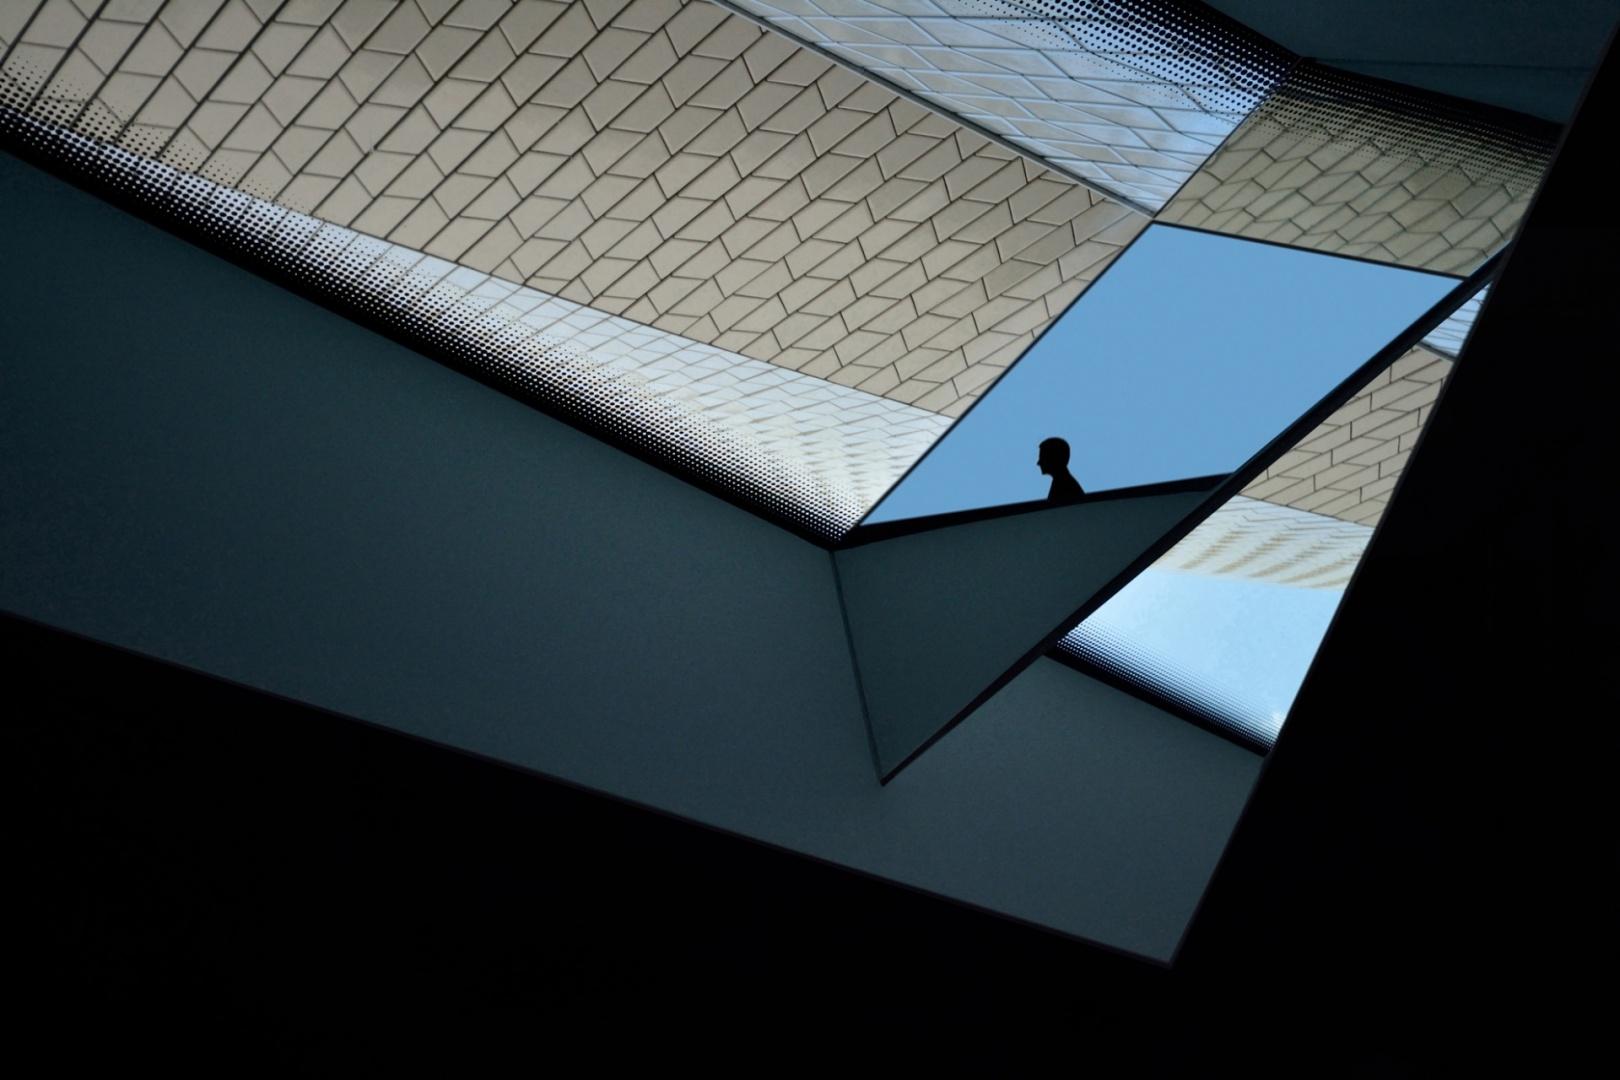 © Florentinus Joseph - Telhado de vidro